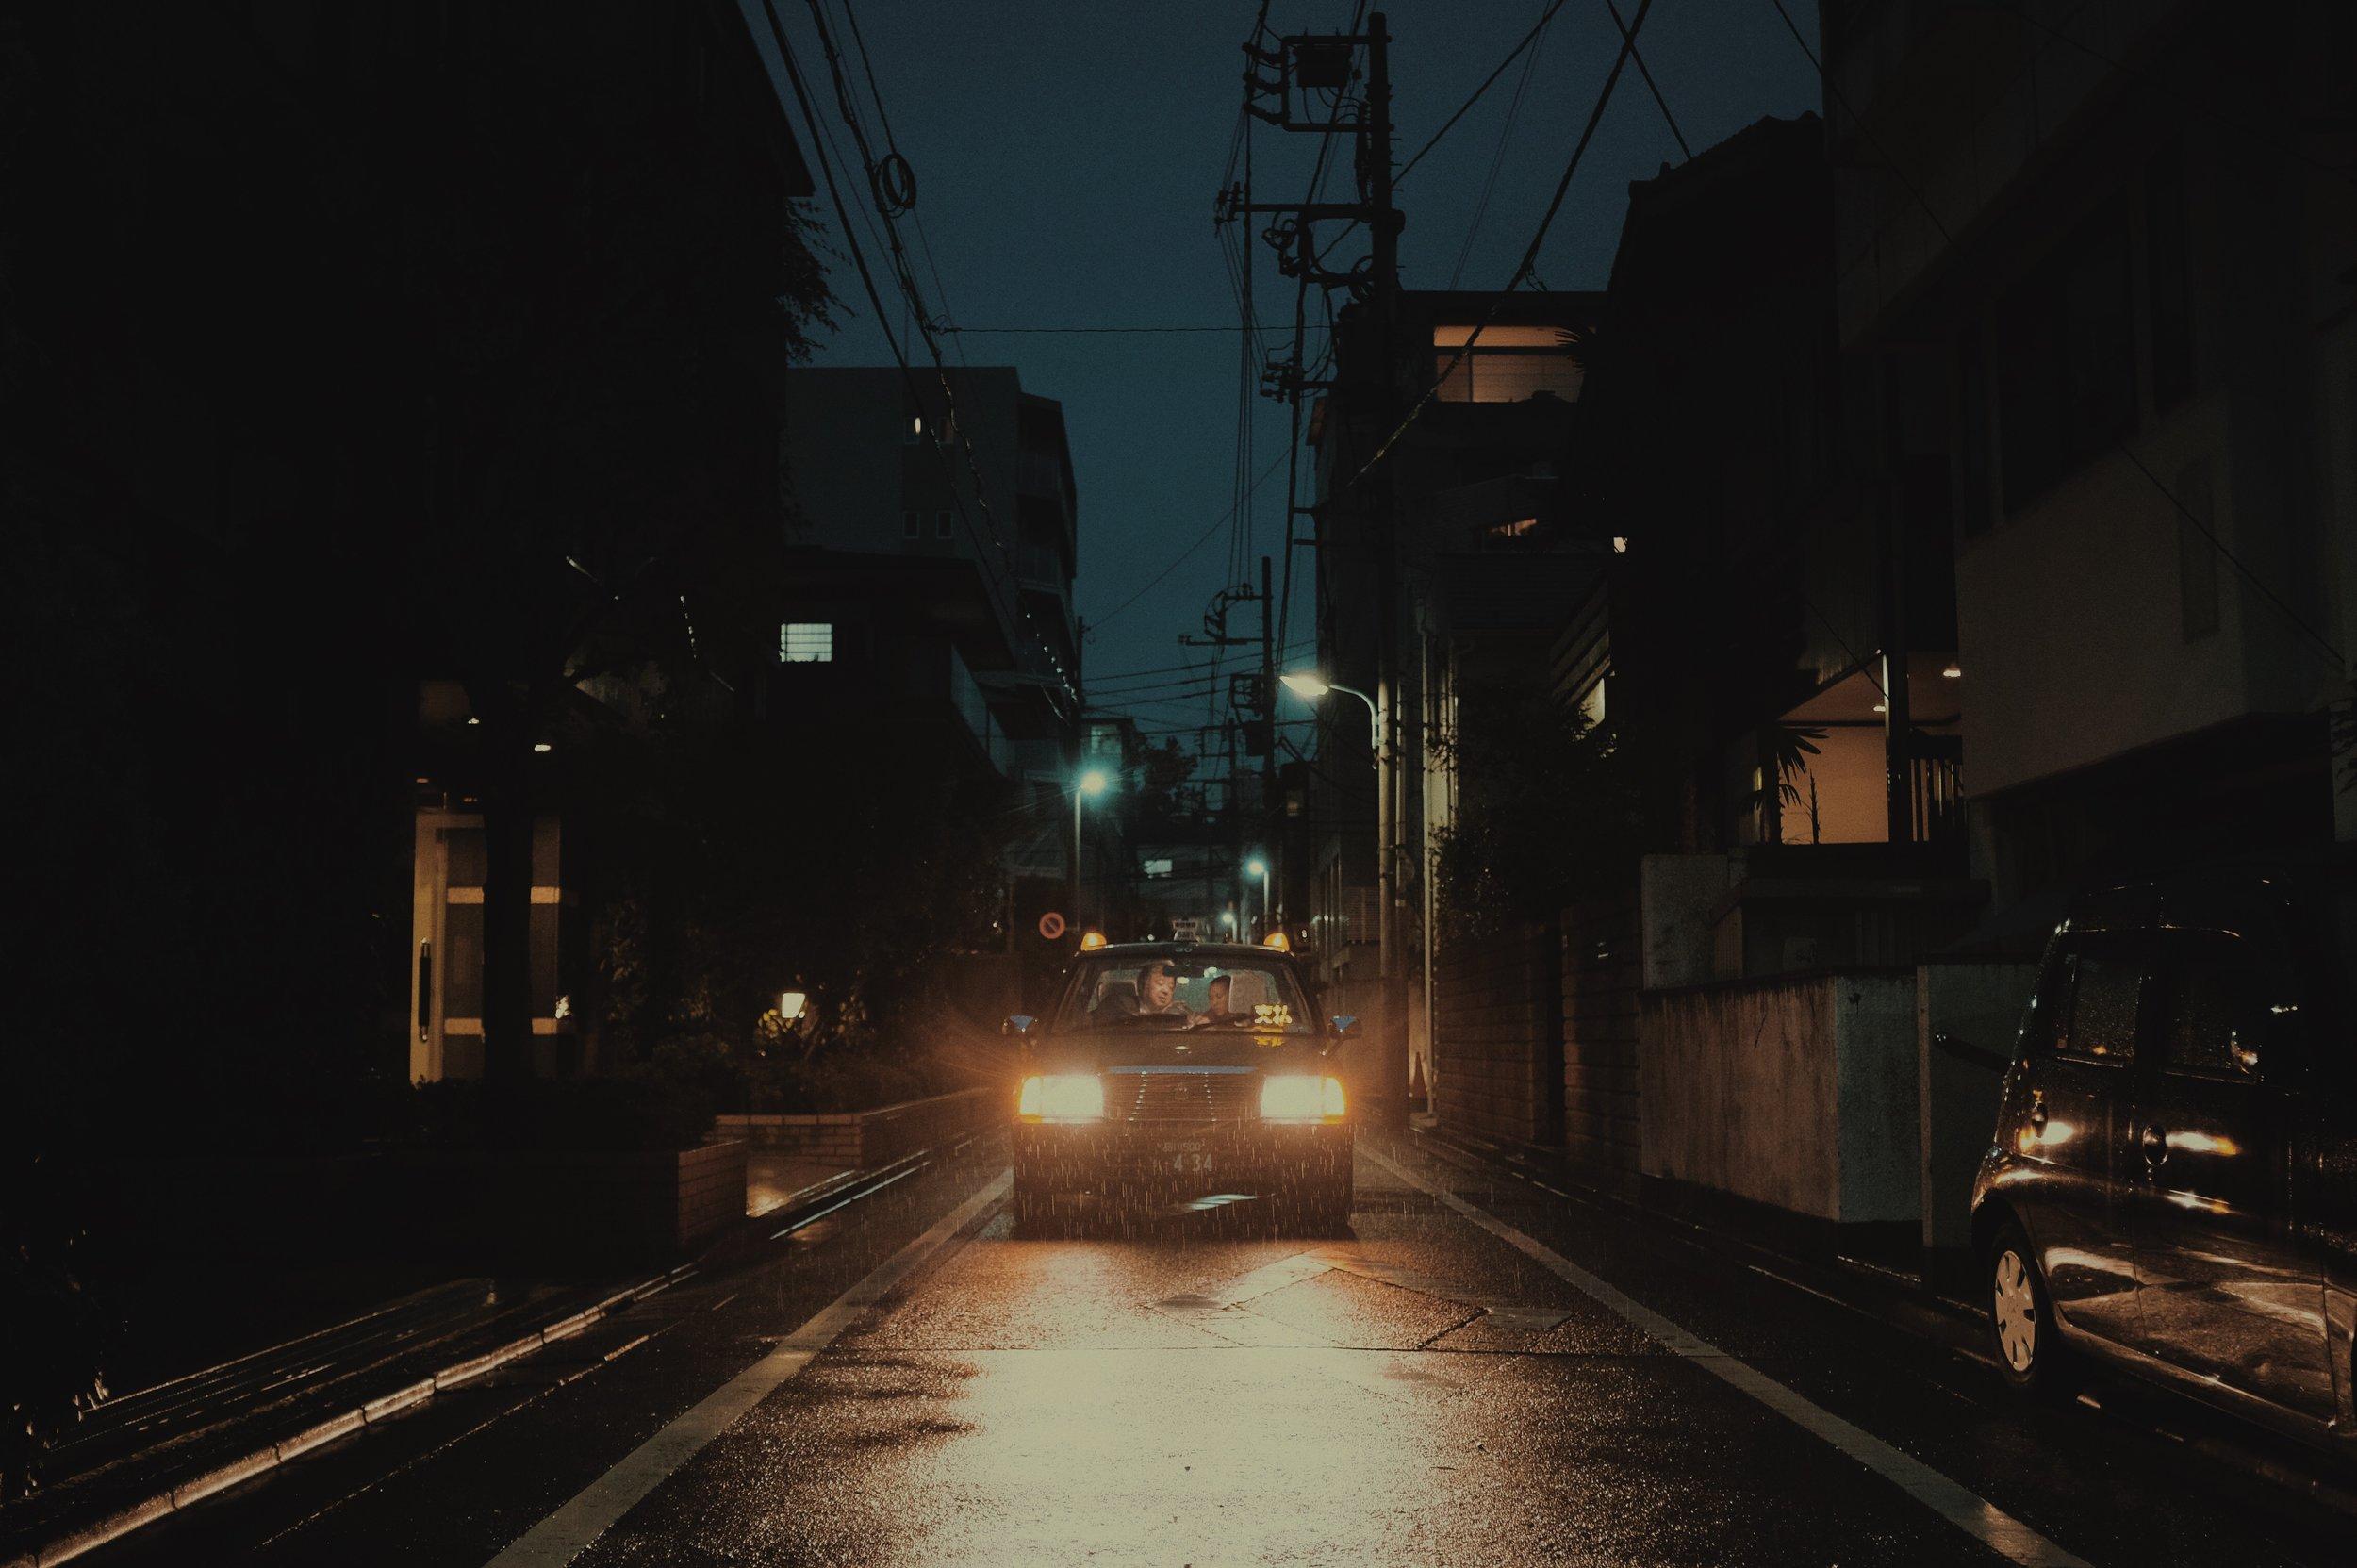 tokyo wet down 😍 #digidayz